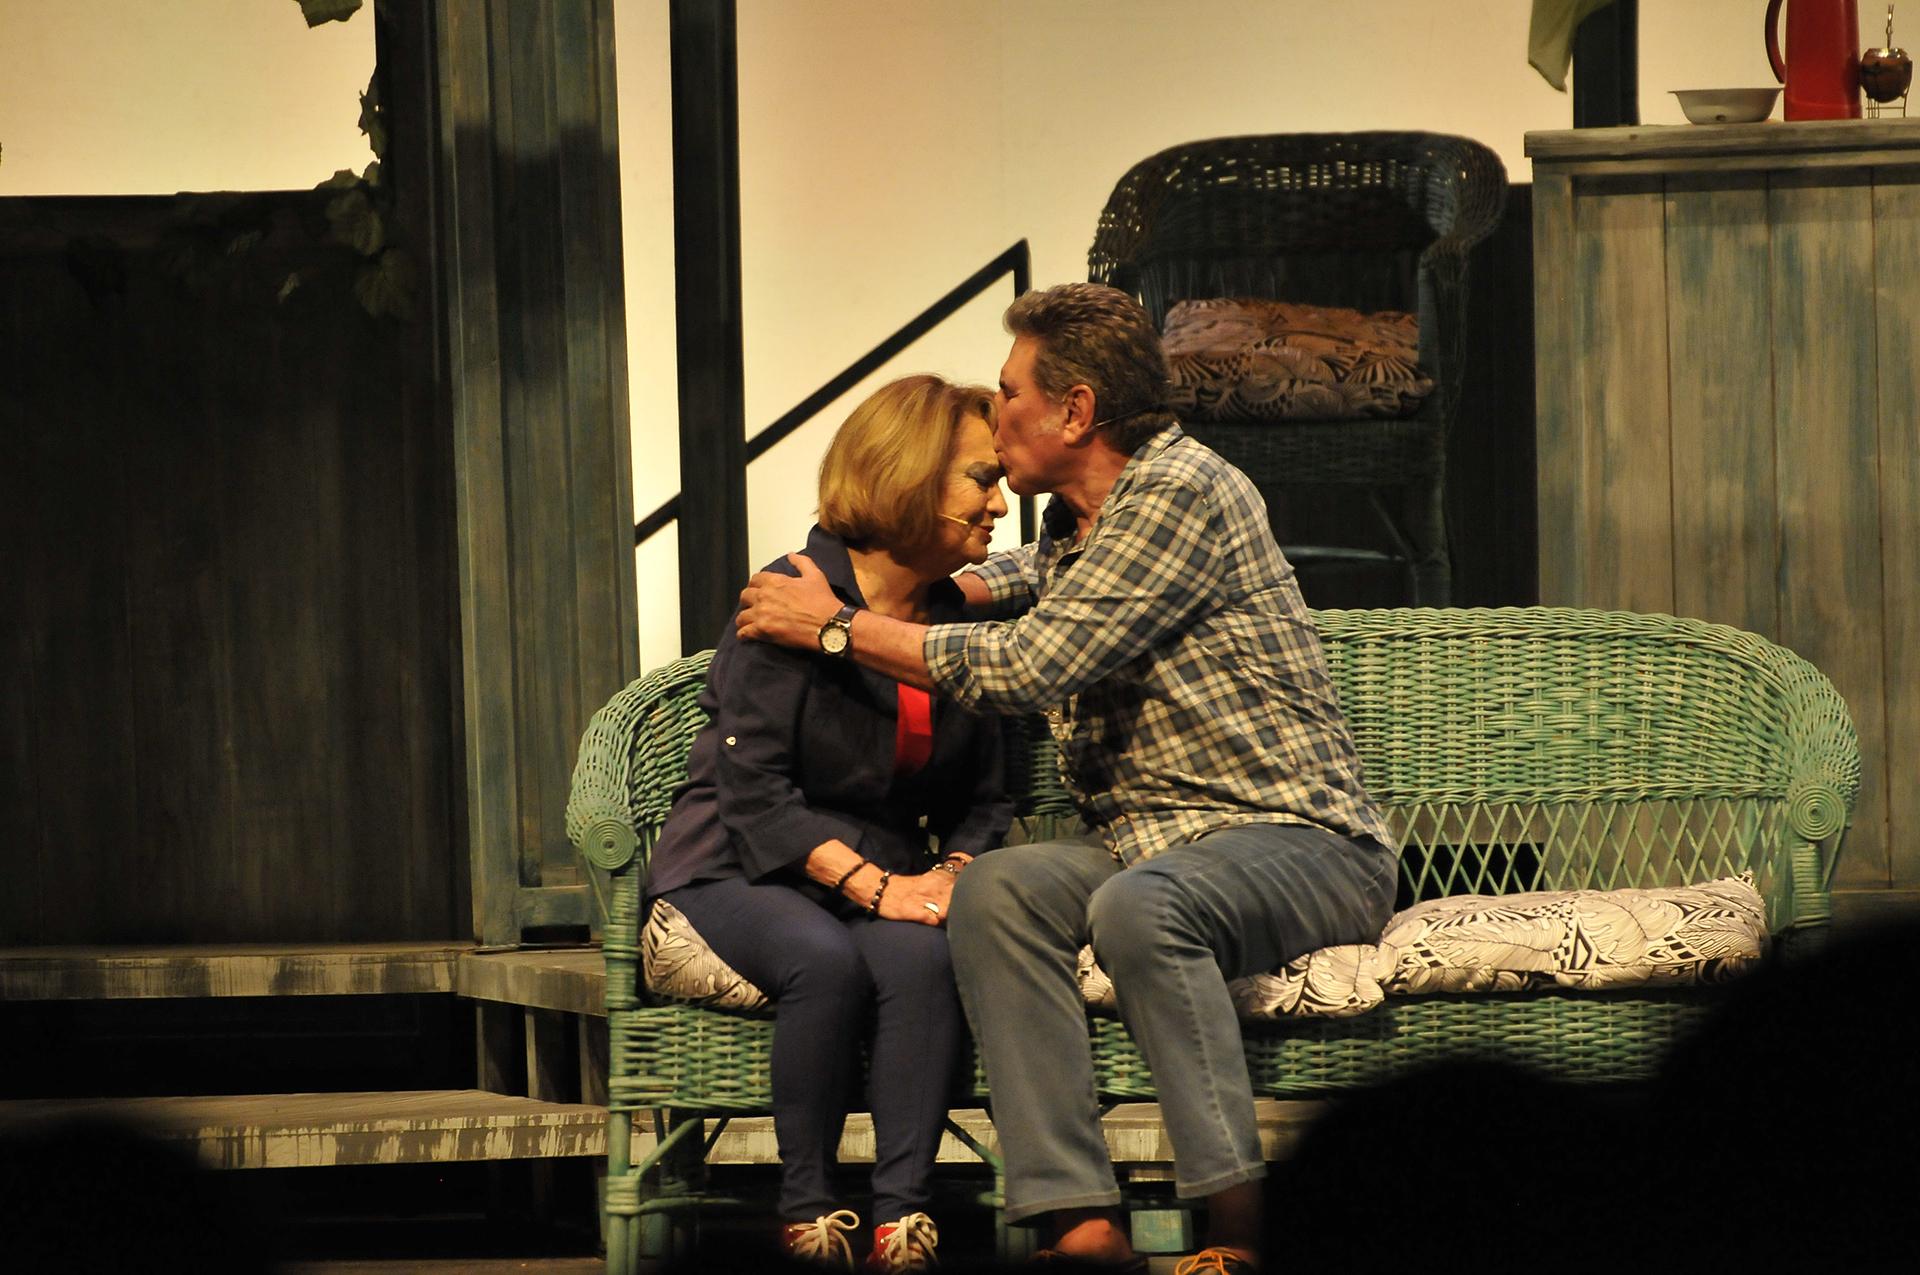 El musical se presenta en el teatro Lola Membrives